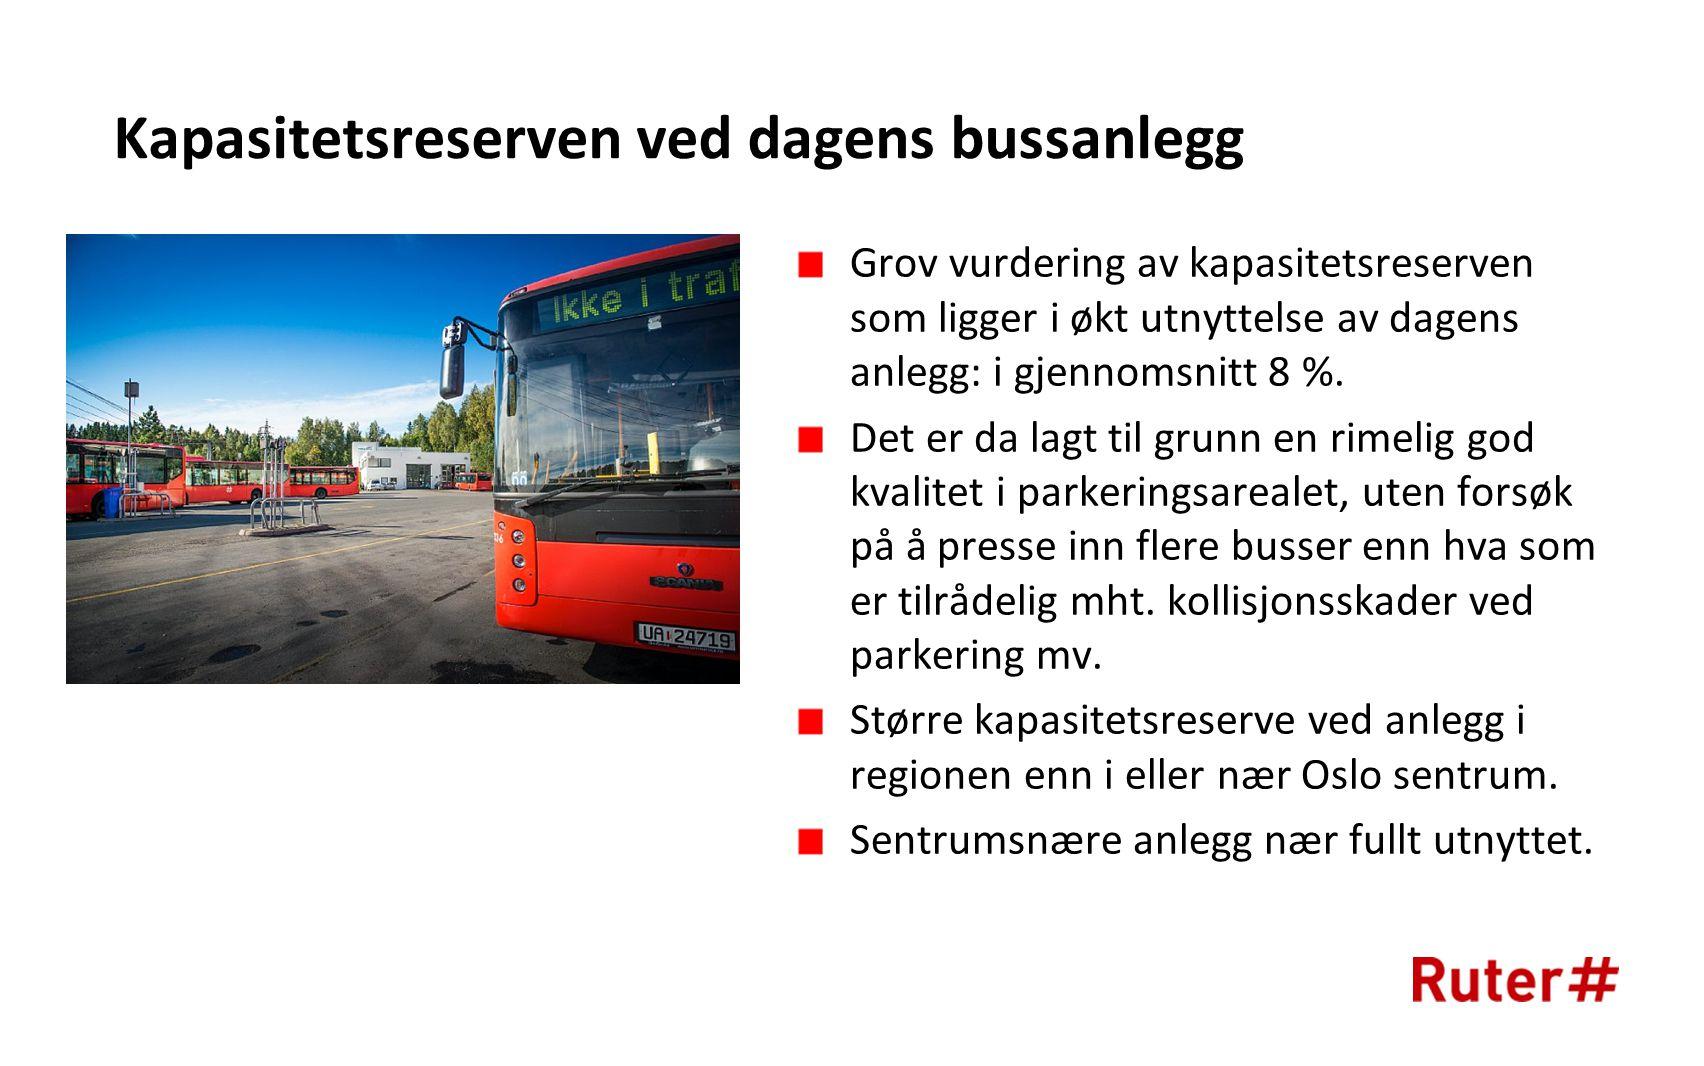 Kapasitetsreserven ved dagens bussanlegg